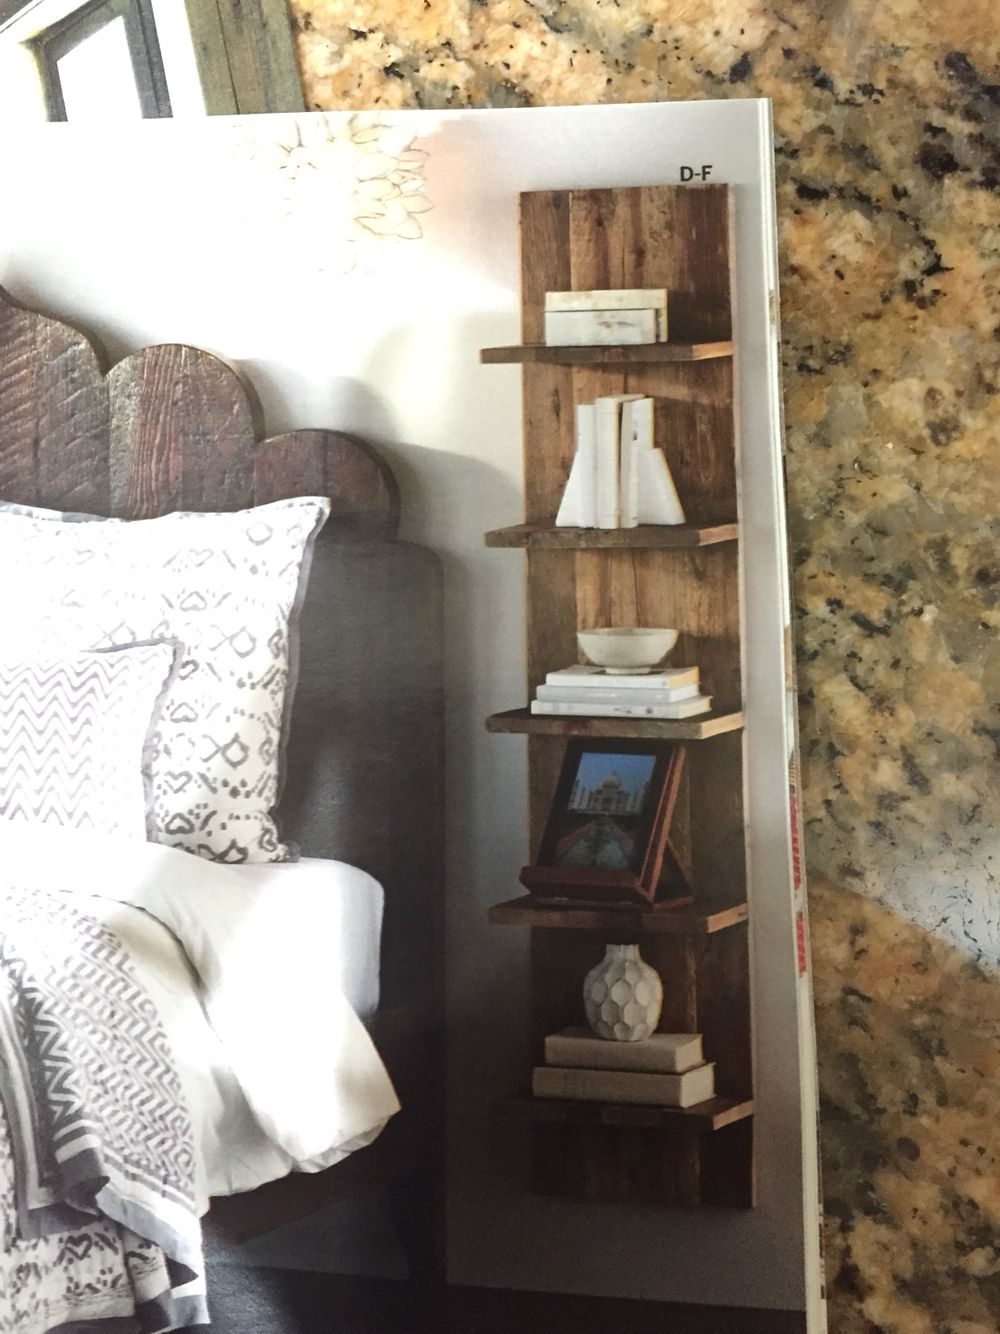 Bookshelves diy Bookshelves diy, Ladder decor, Home decor